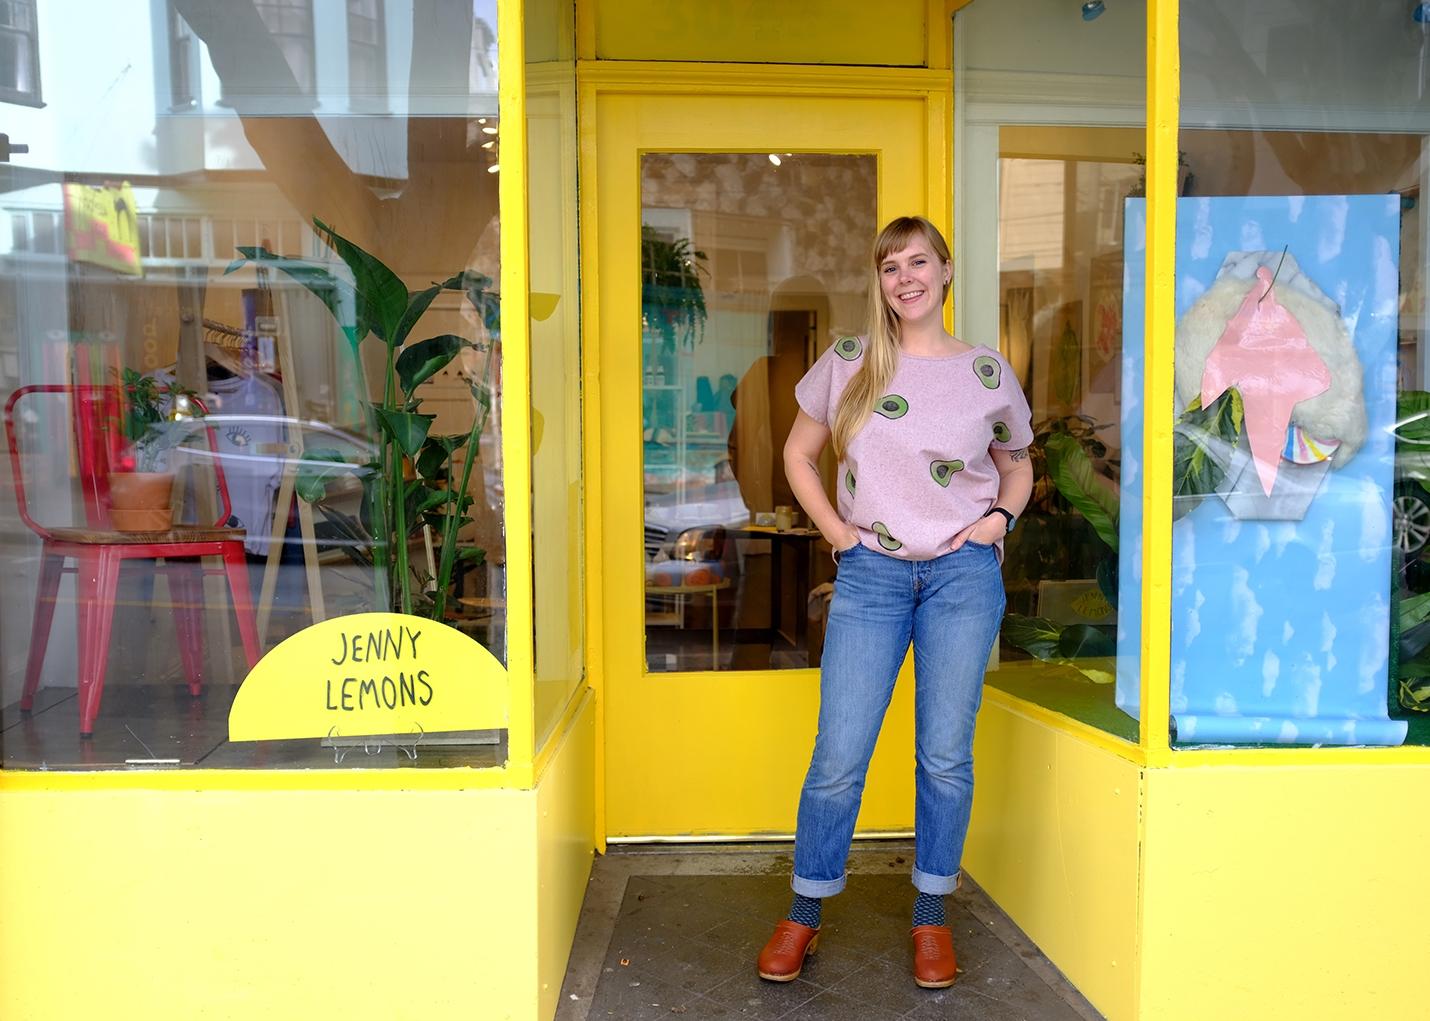 <h2>Jennie Lennick, Creator of Jenny Lemons</h2>